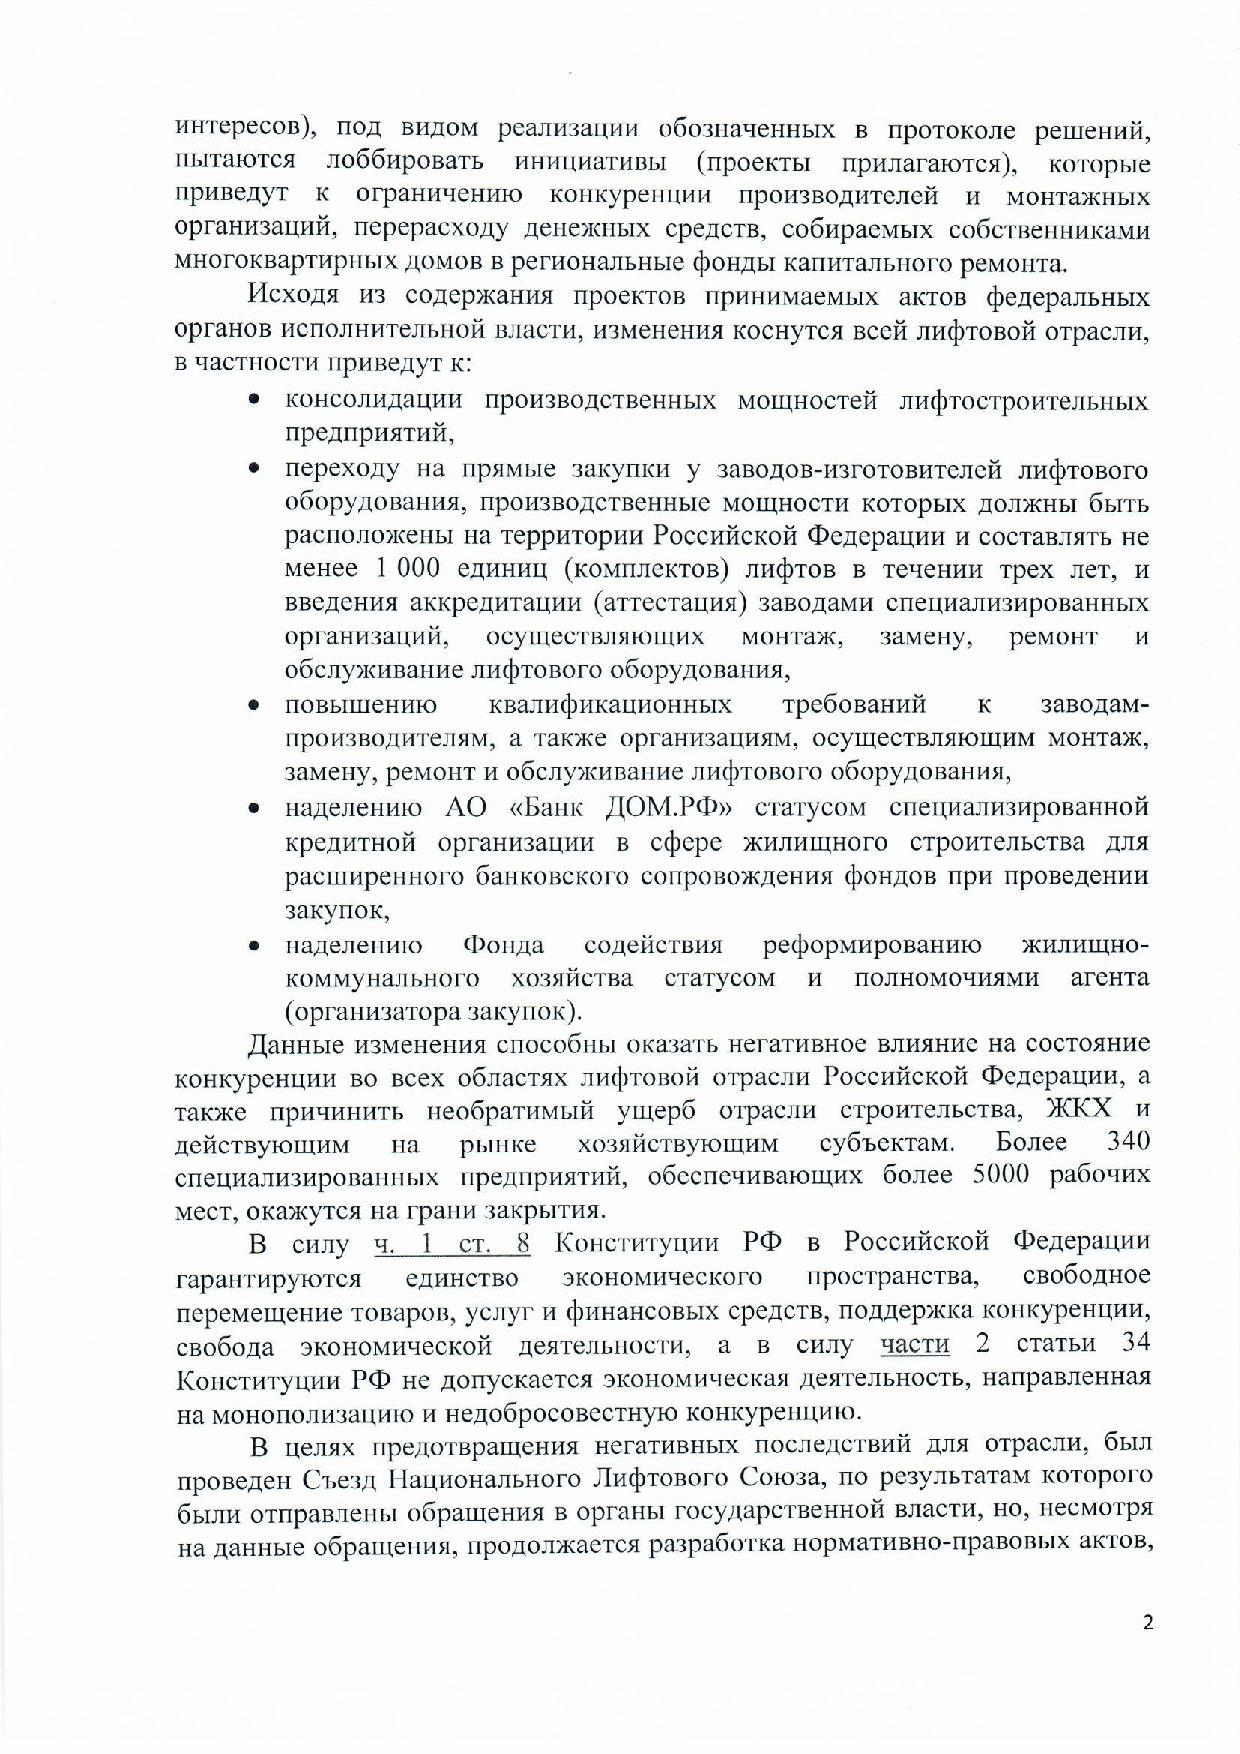 Направлено Обращение в Общественную палату РФ о возможных негативных последствиях консолидации лифтовой отрасли